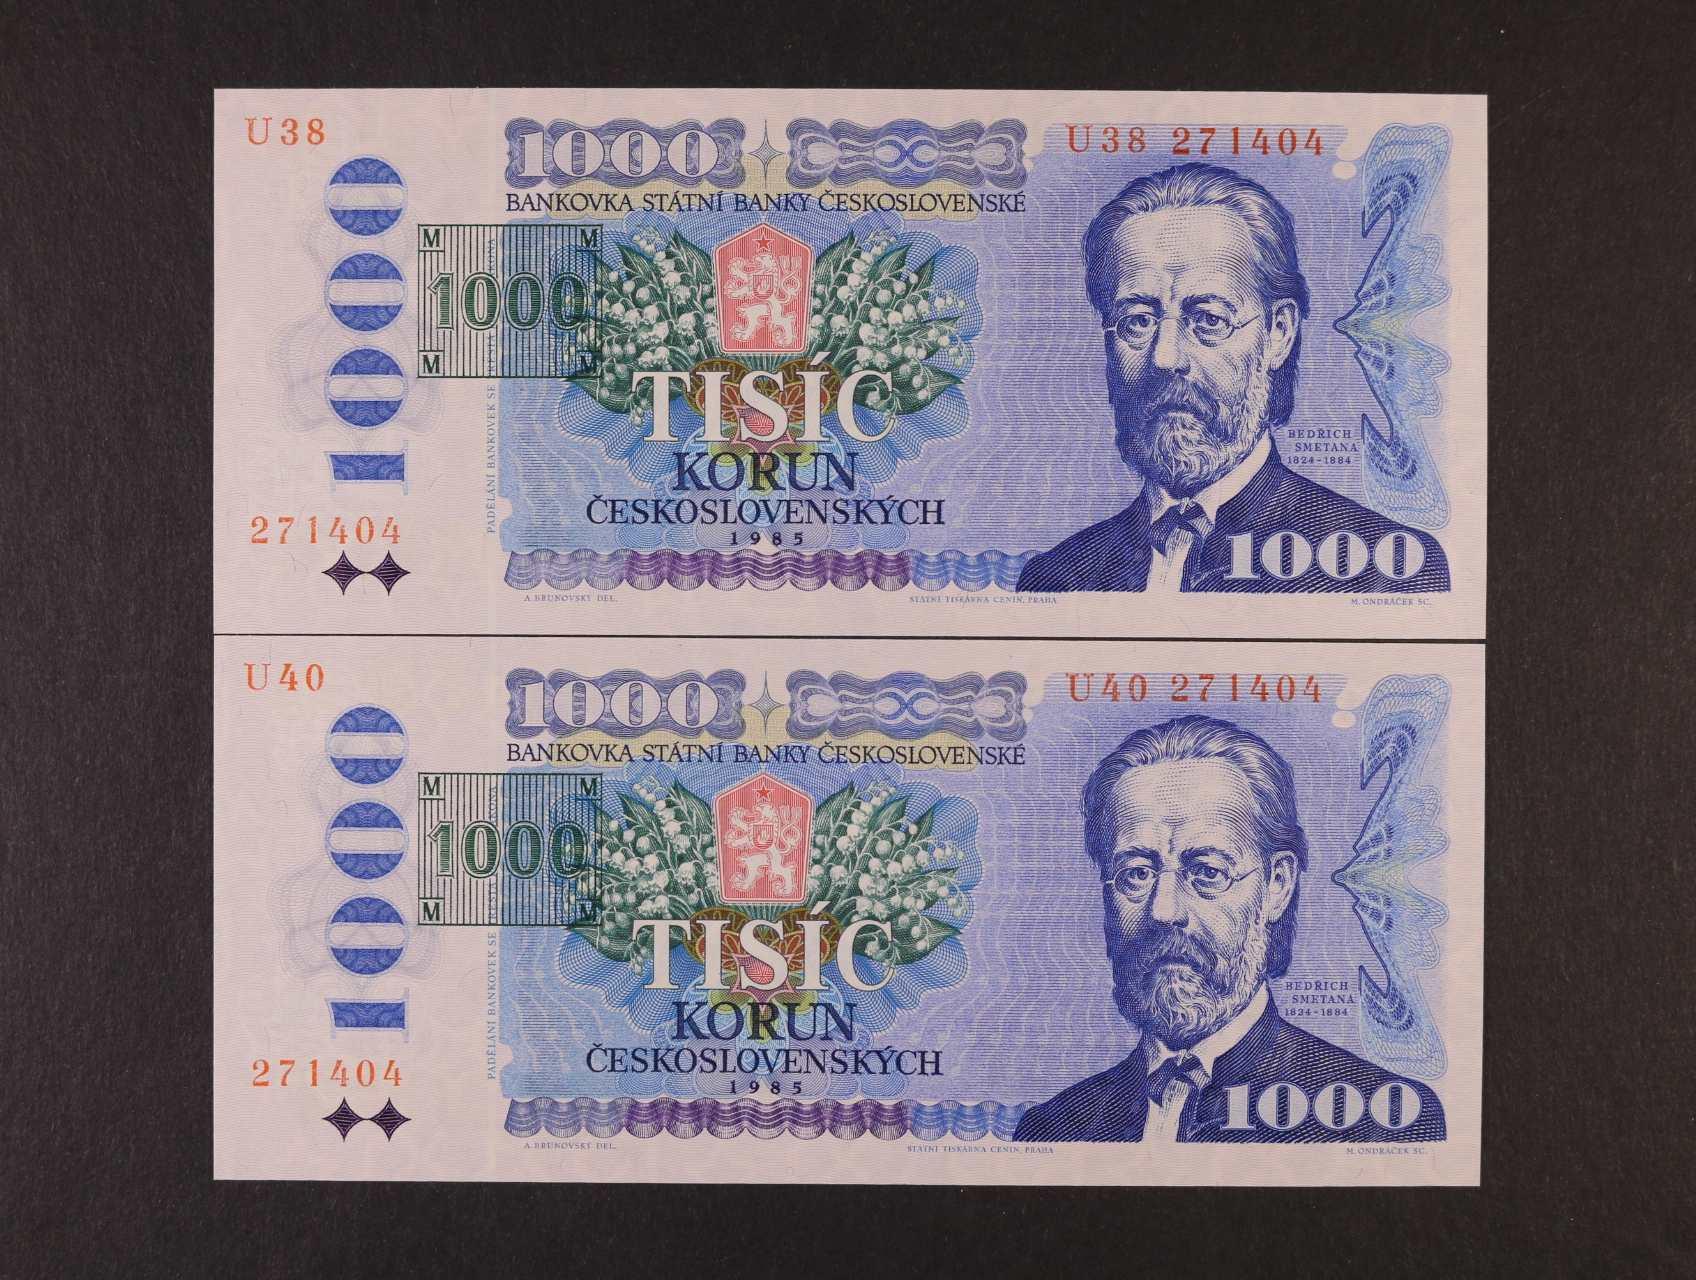 1000 Kčs/Kč 1985/93 série U 38 a U 40 kolkované tištěným kolkem, obě se stejným číslem 271404, Ba. CZ3b, CZ10a